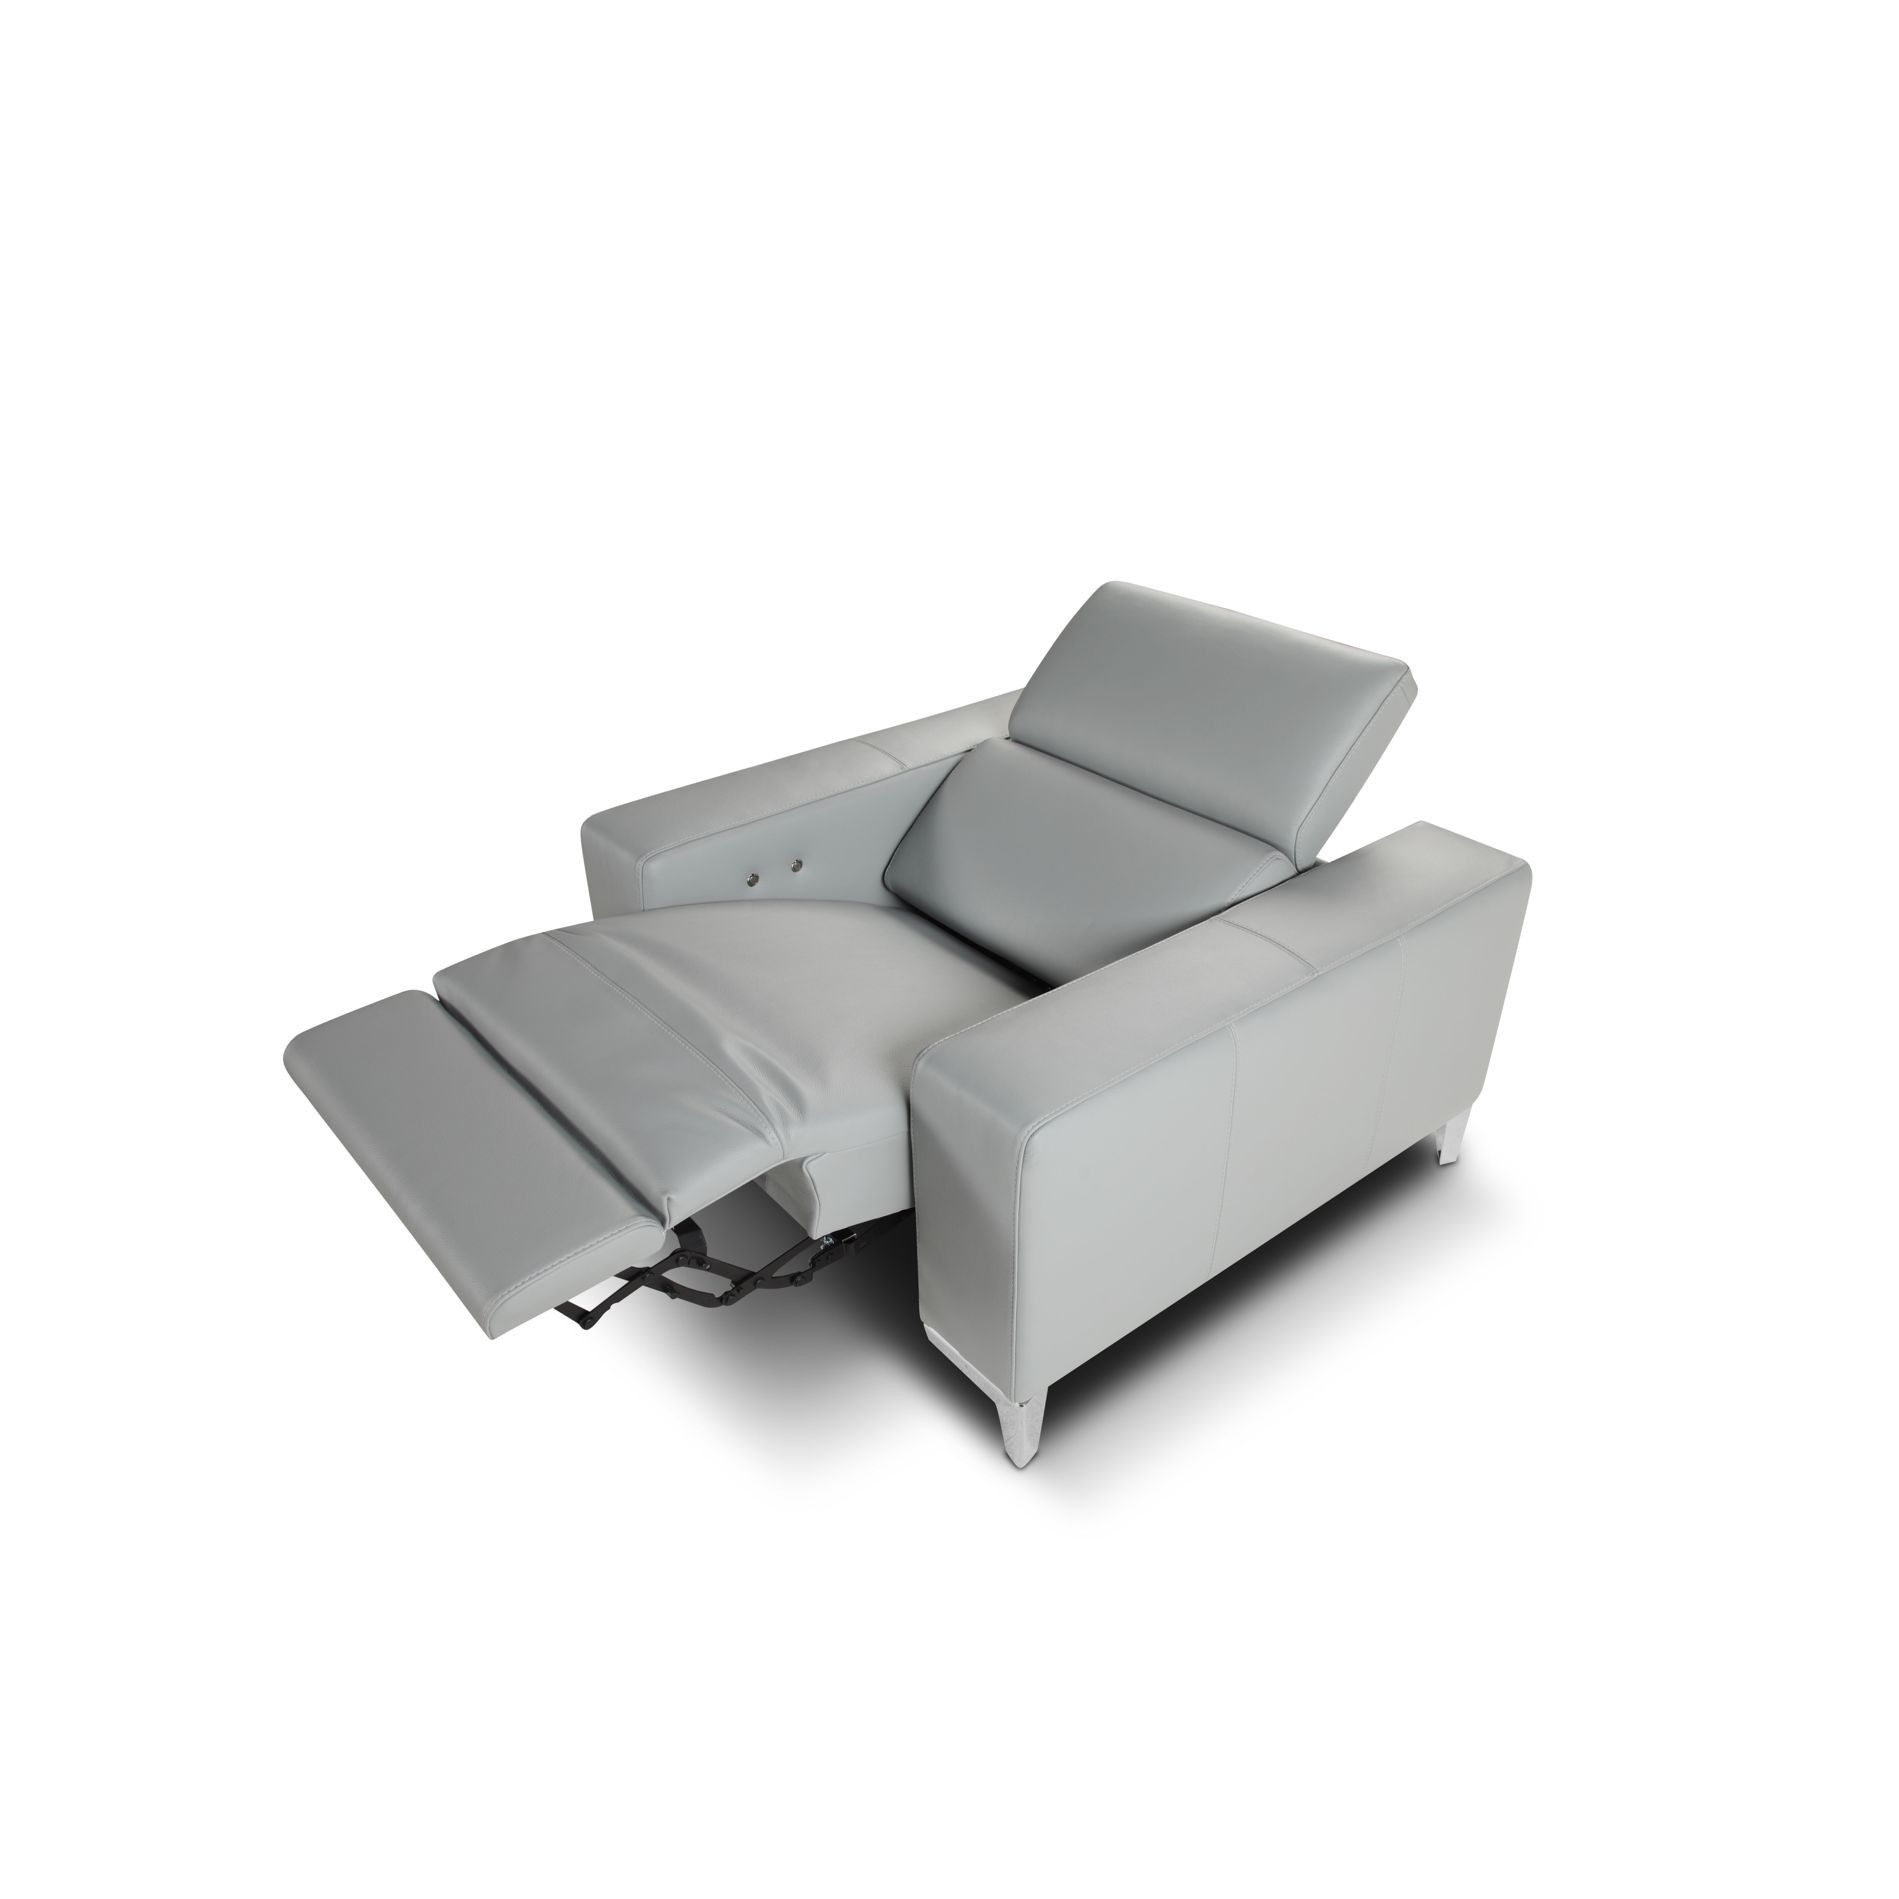 Electric sofa sleeper tmidb pinterest sofa sleeper